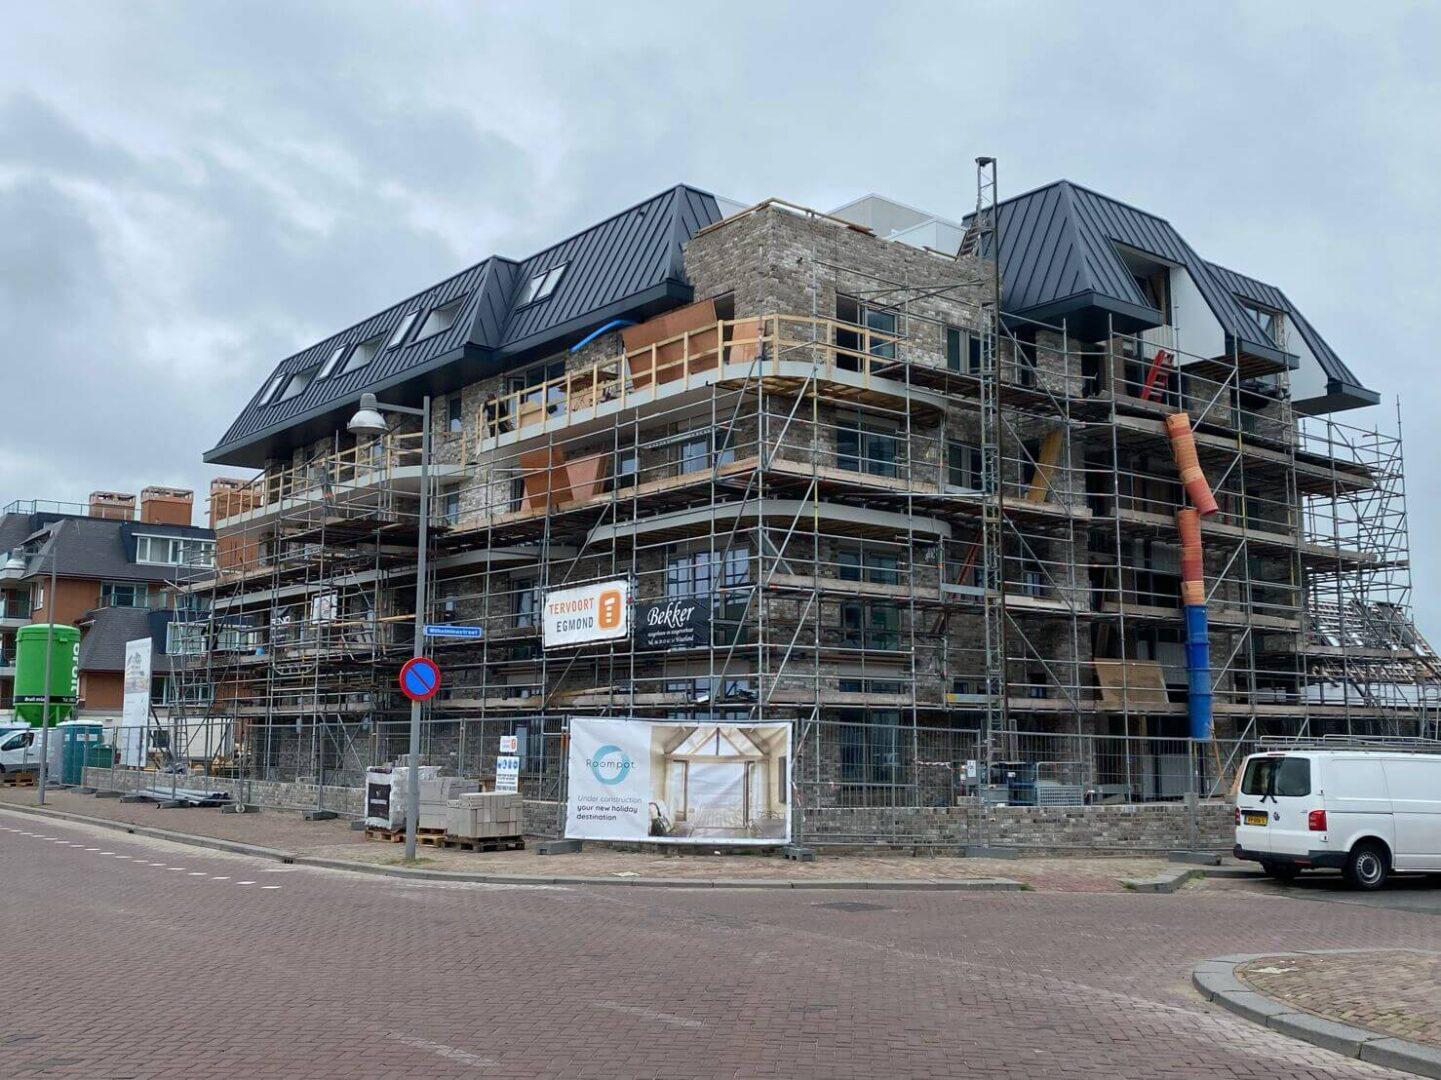 Graaf-van-Egmond-aan-Zee-Architect-Hotel-Architectenbureau-Noord-Holland-ZIjlstra-Schipper-architecten-wormer-in-aanbouw-01